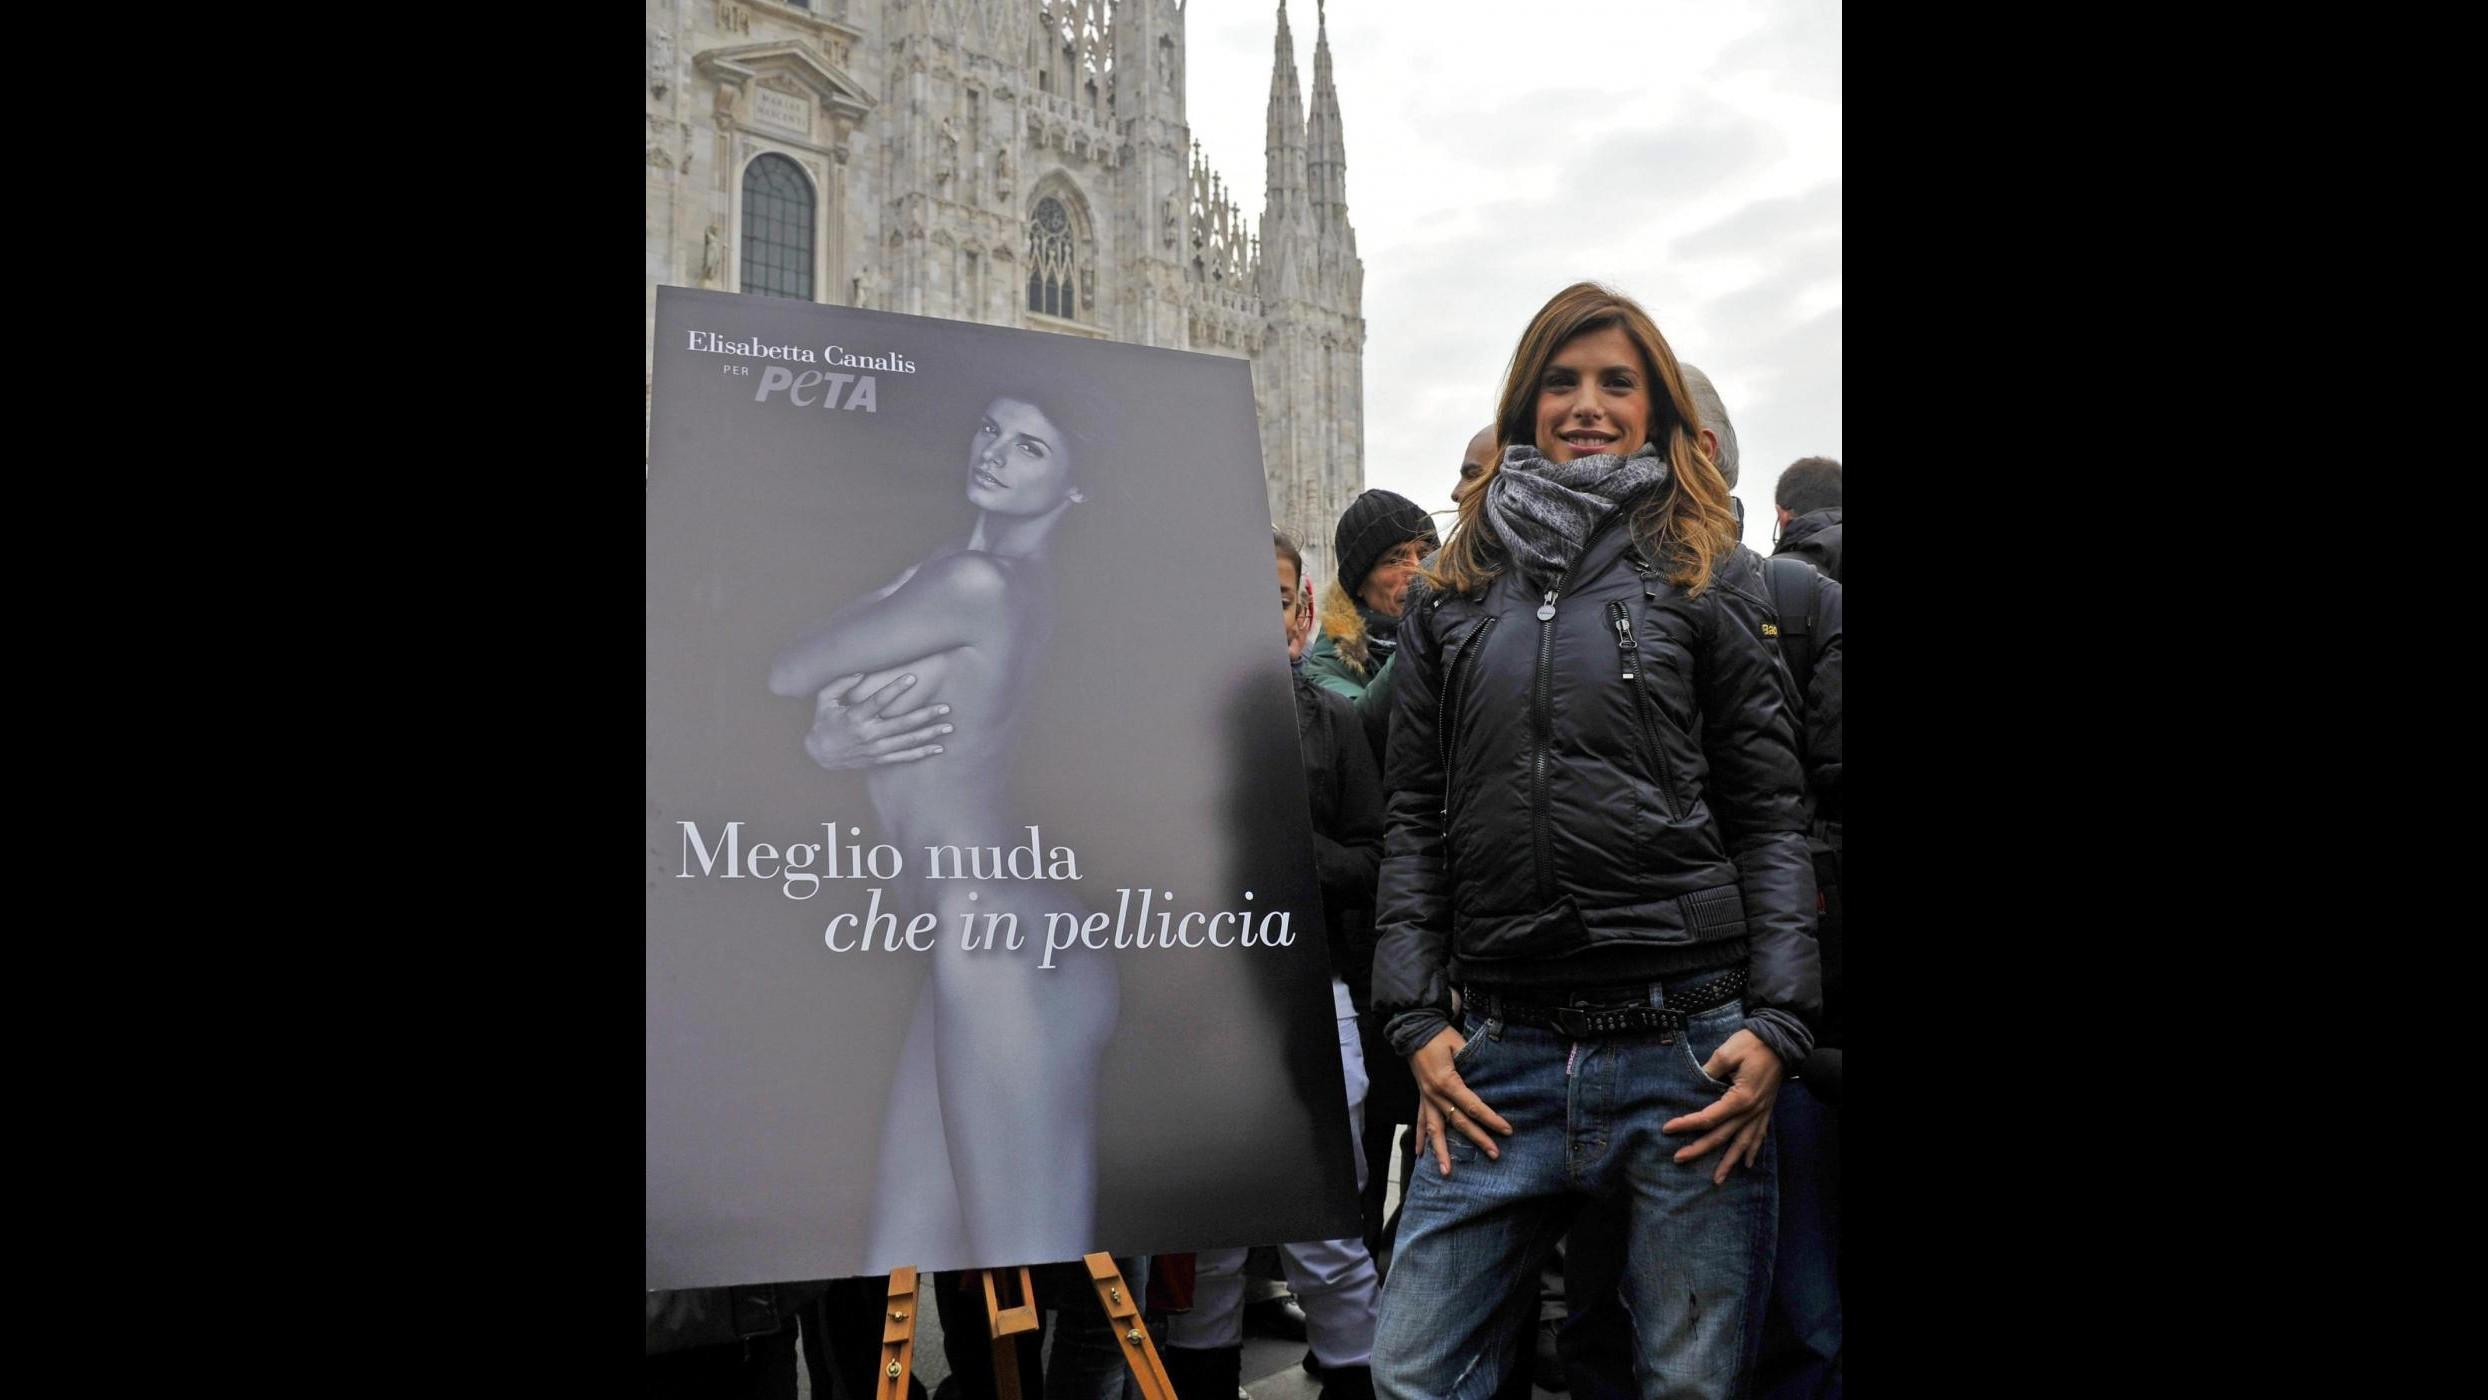 La Canalis al Duomo di Milano per lottare contro l'uso delle pellicce